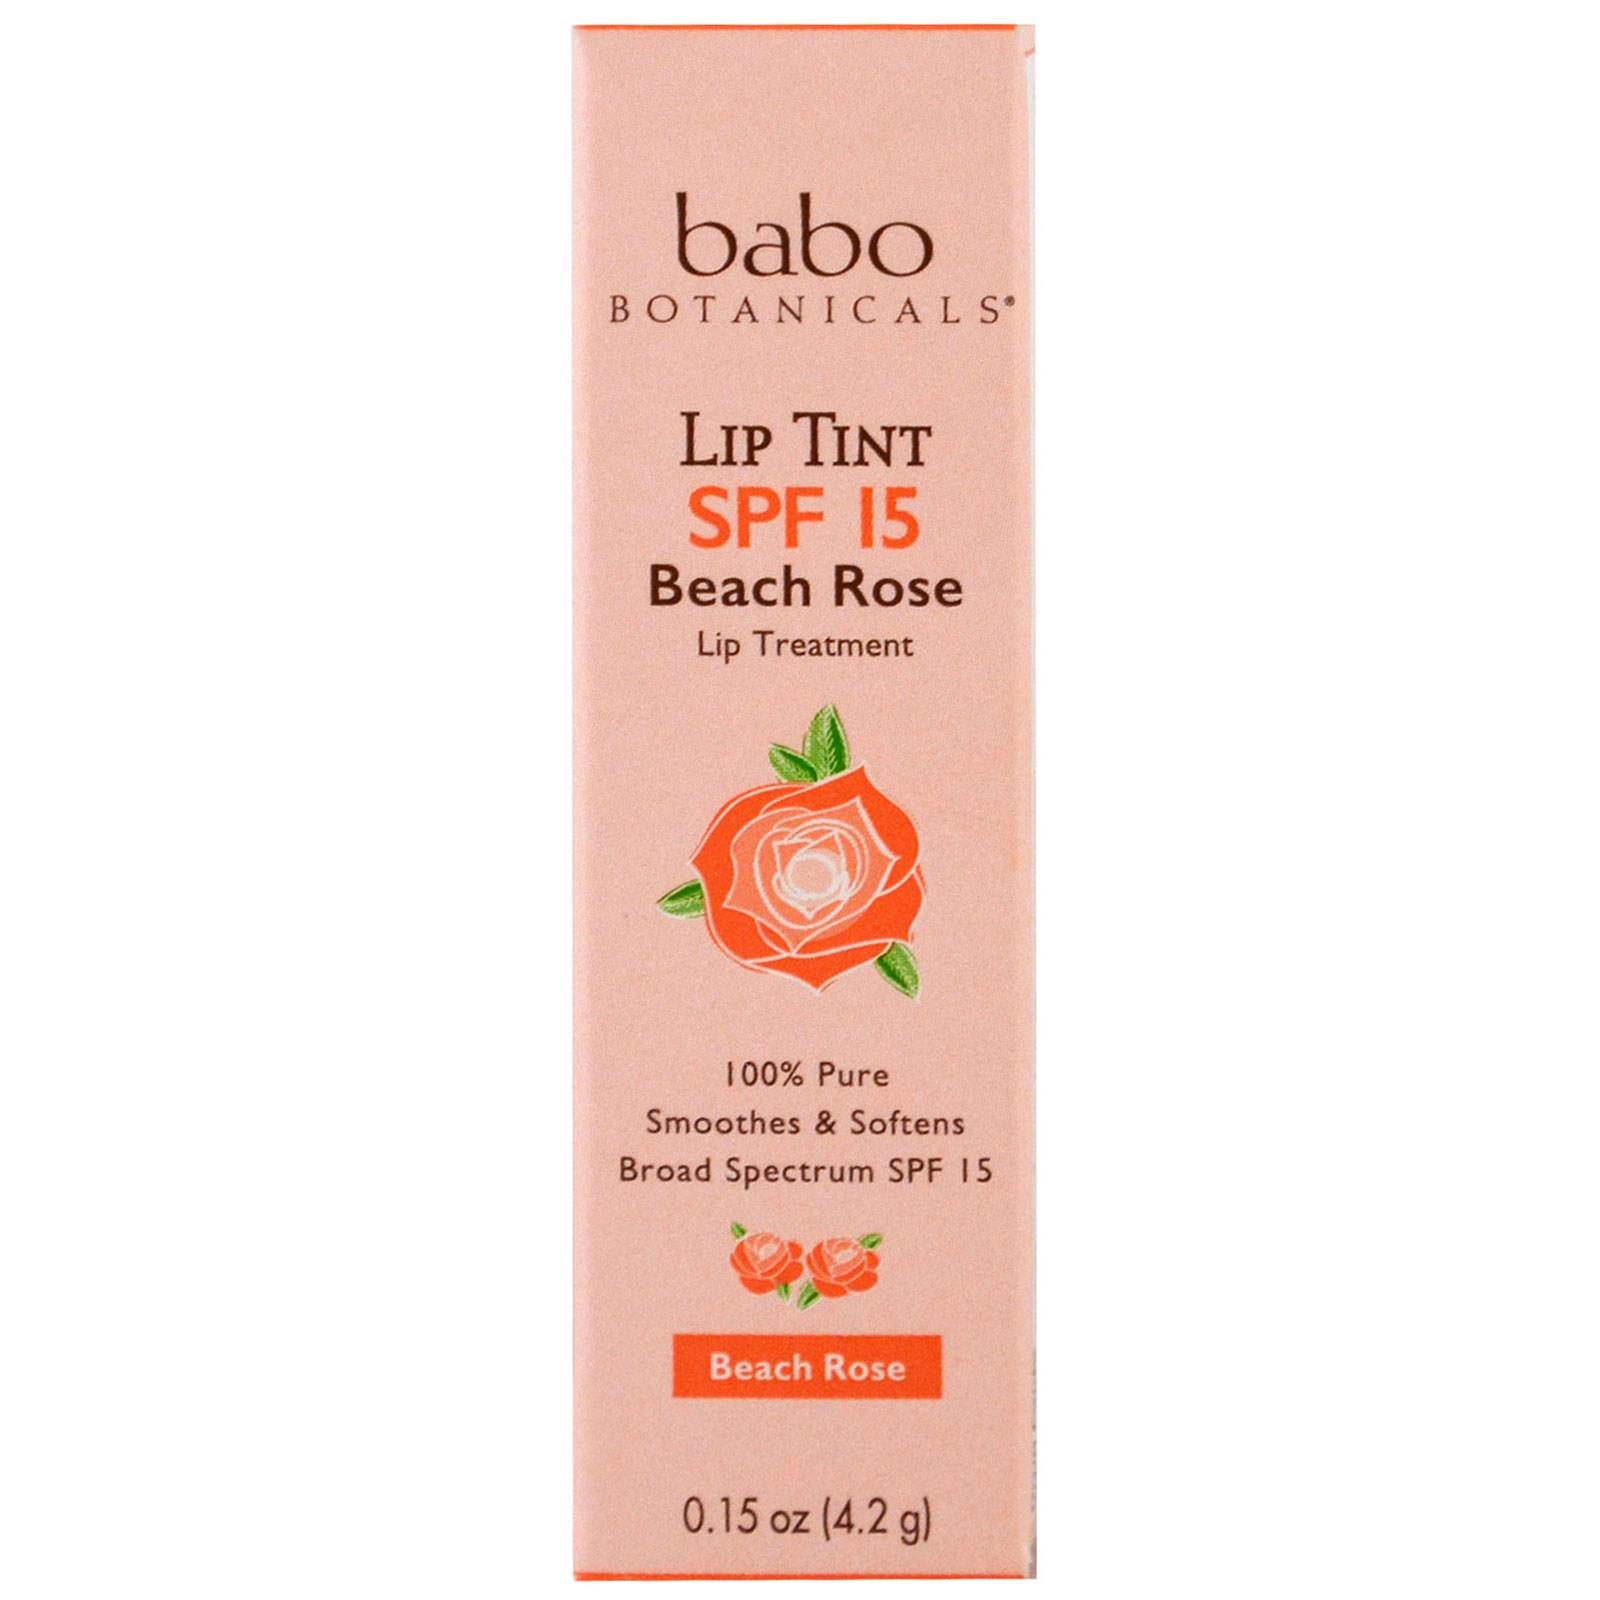 Babo Botanicals, Оттеночный бальзам для губ, SPF 15, пляжная роза, 0,15 жидкой унции (4,2 г)